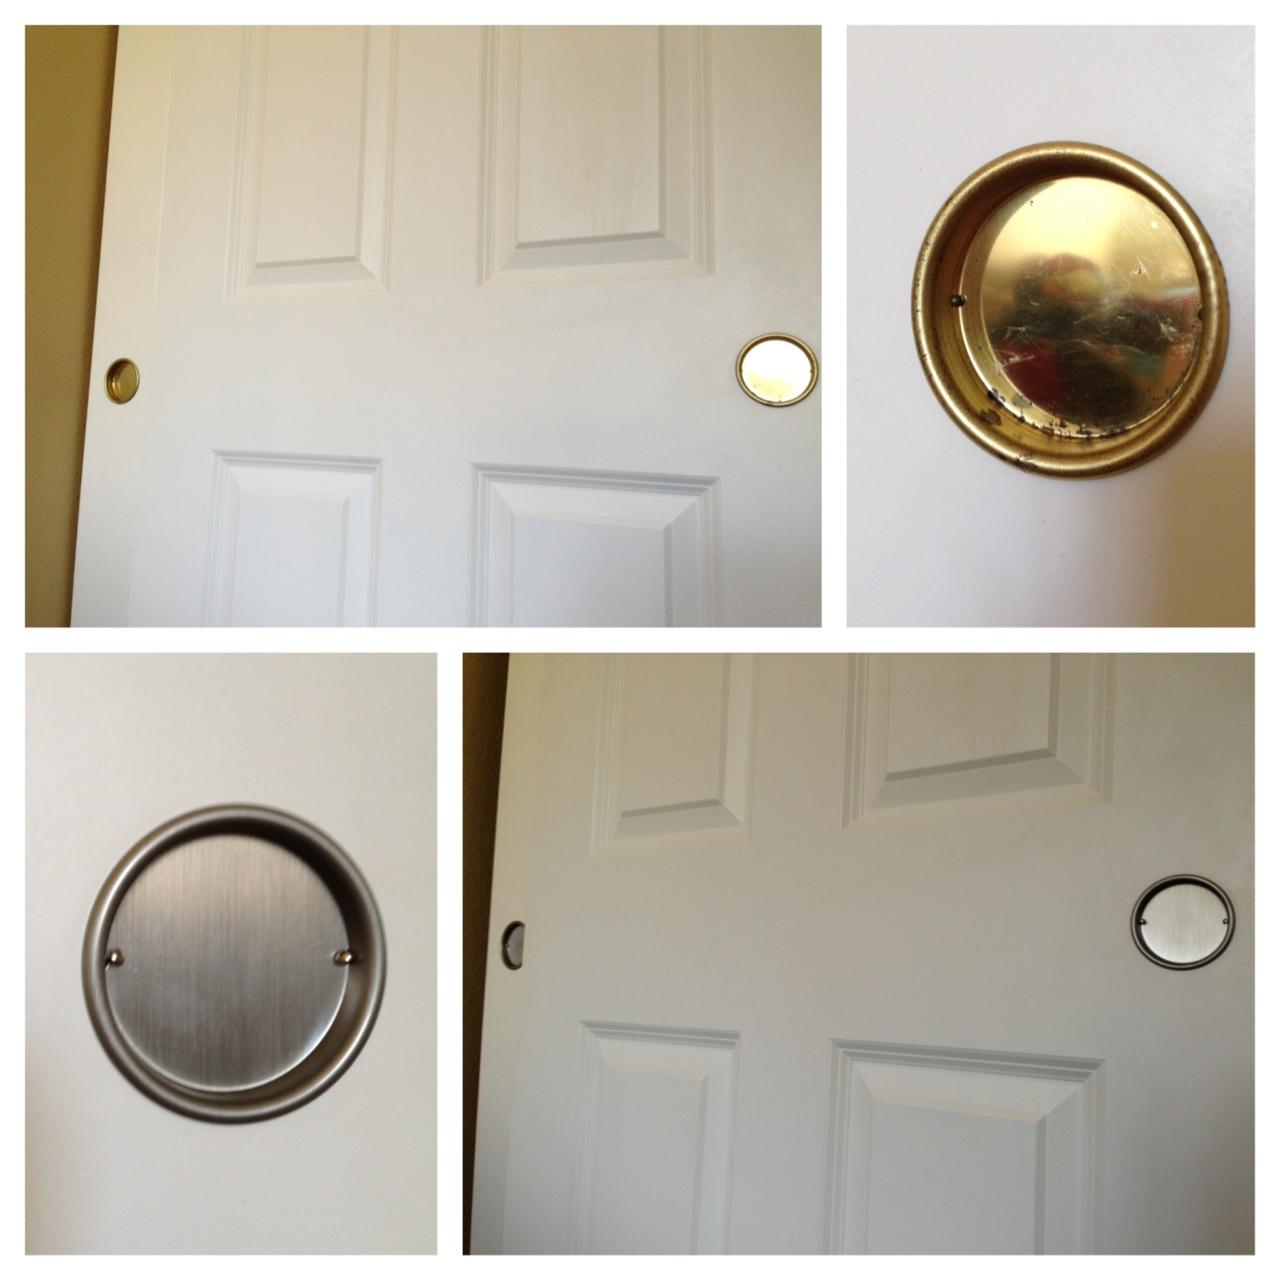 In Knots Easy Upgrade Closet Door Hardware